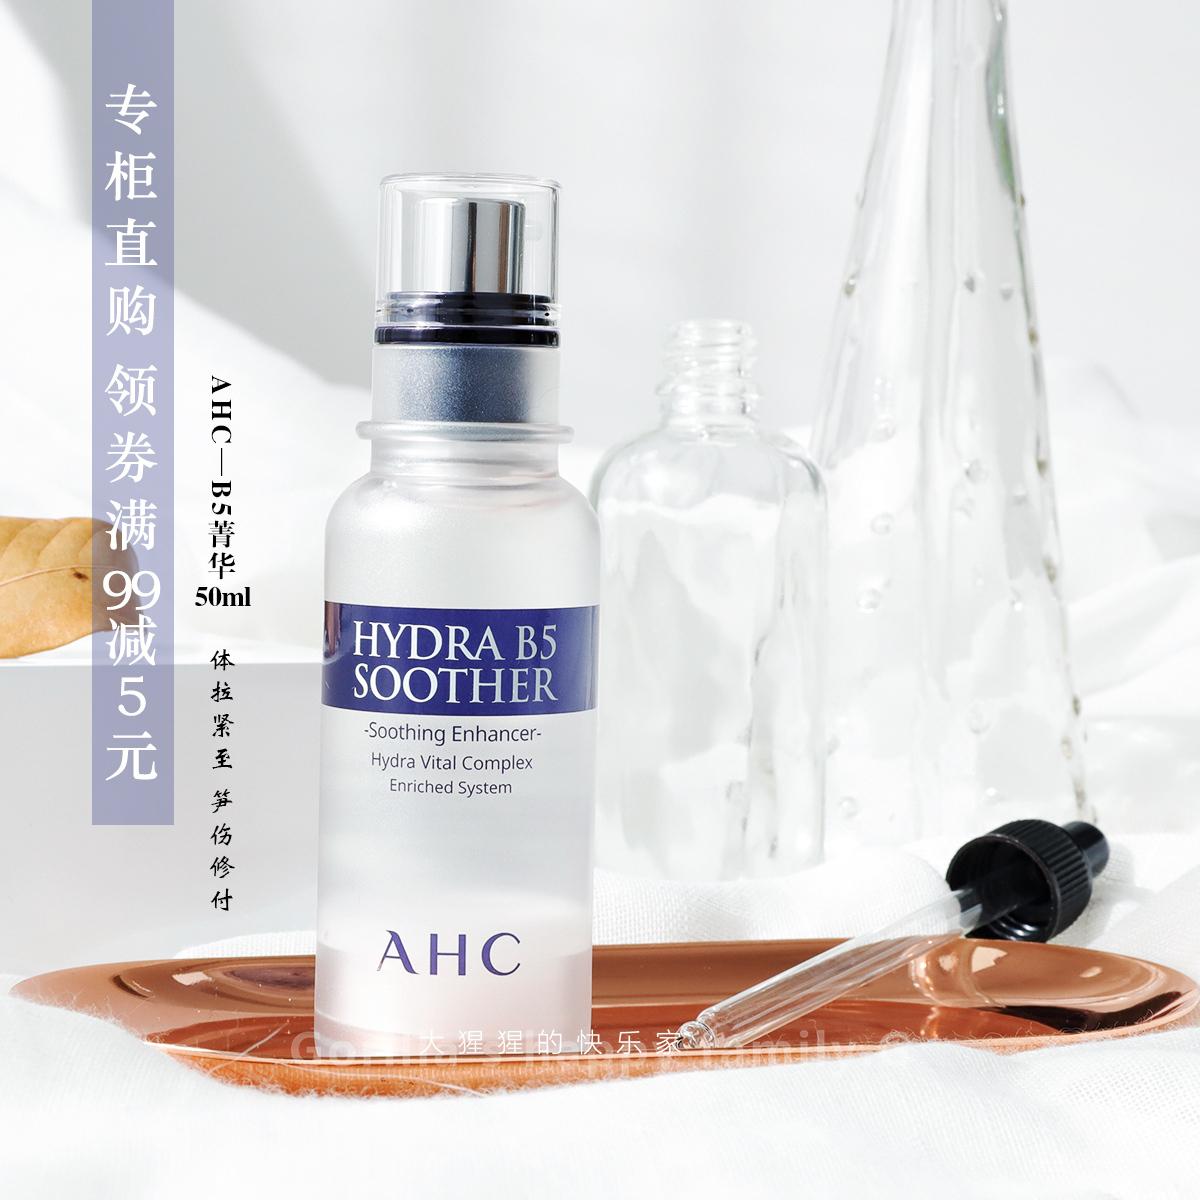 韓國正品 AHC精華液 高濃度B5玻尿酸保溼精華液50ml 補水緊緻亮白